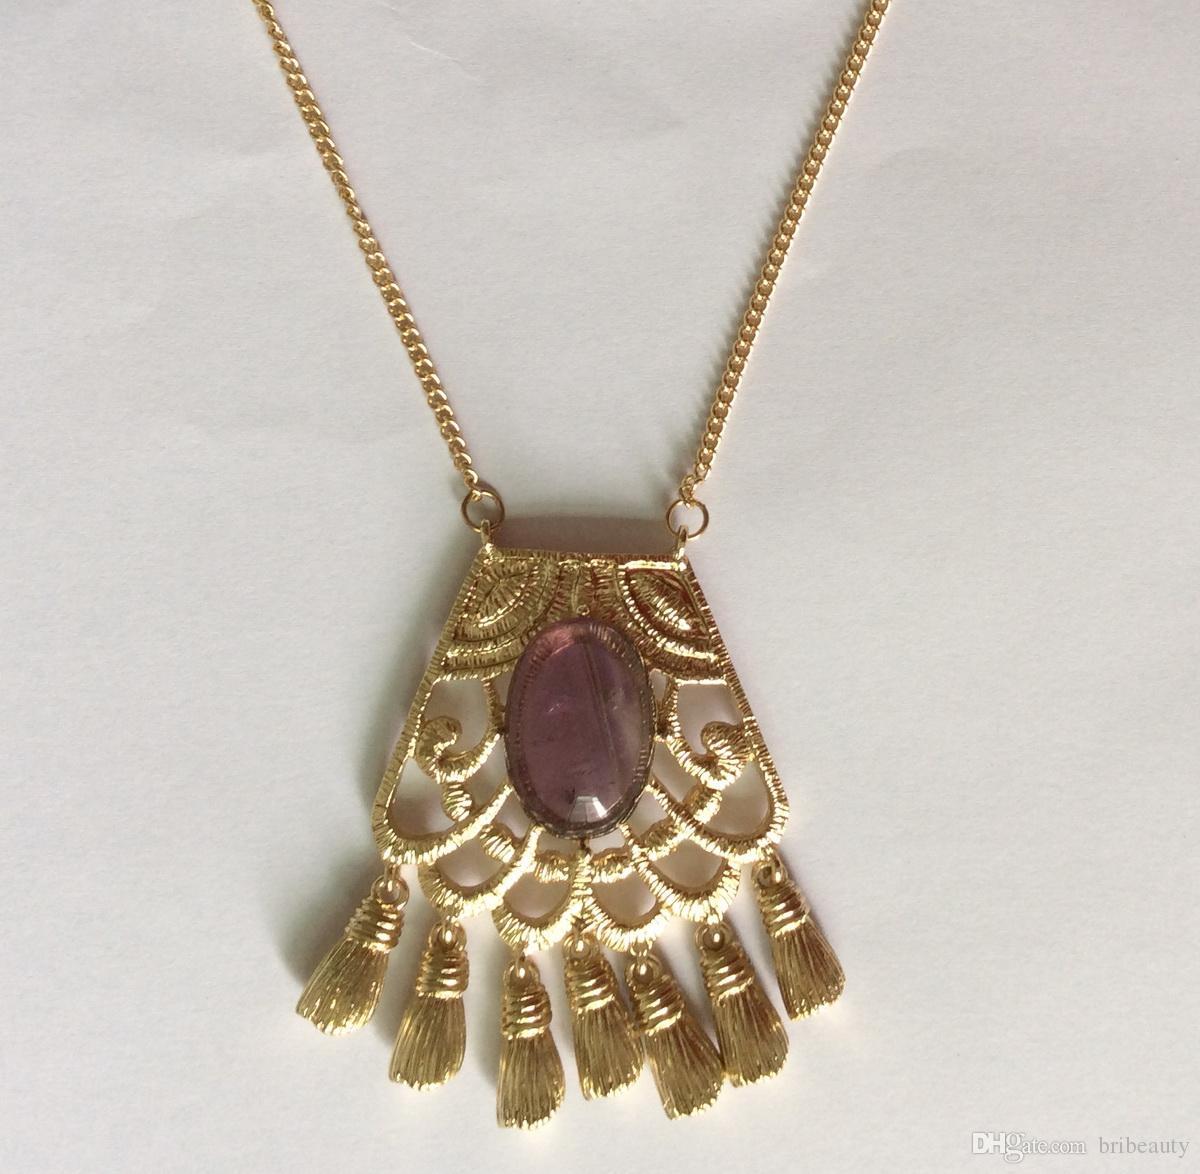 Collana ciondolo semiprezioso ovale bianco collana in metallo con ametista turchese Collana in pietra naturale con pendente in lega di puro mosaico